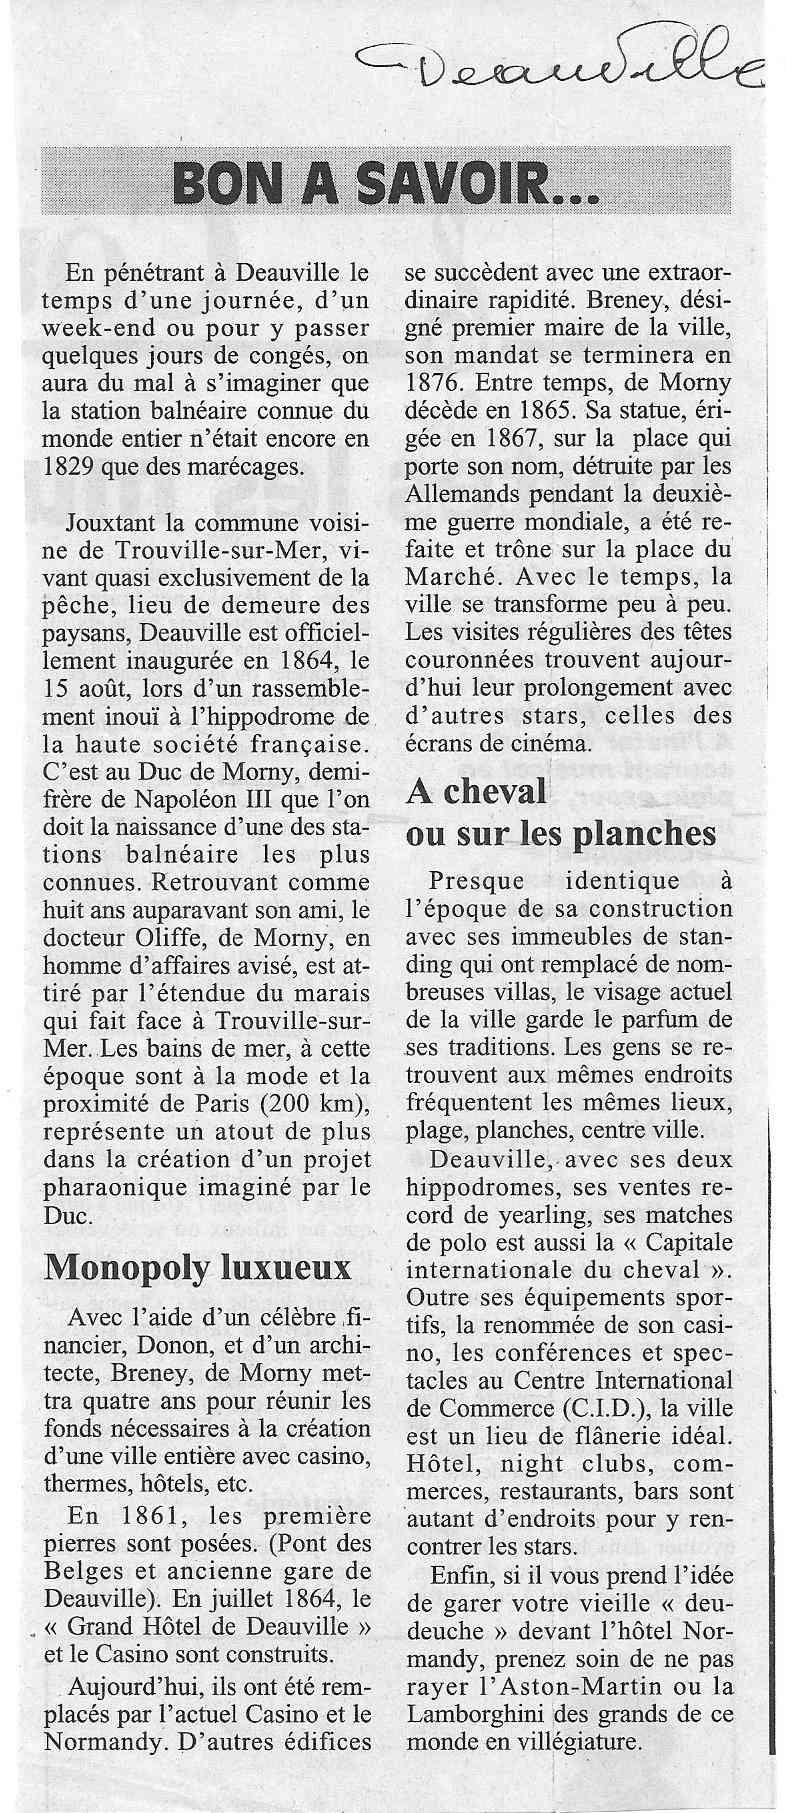 Histoire des communes - Deauville 1118